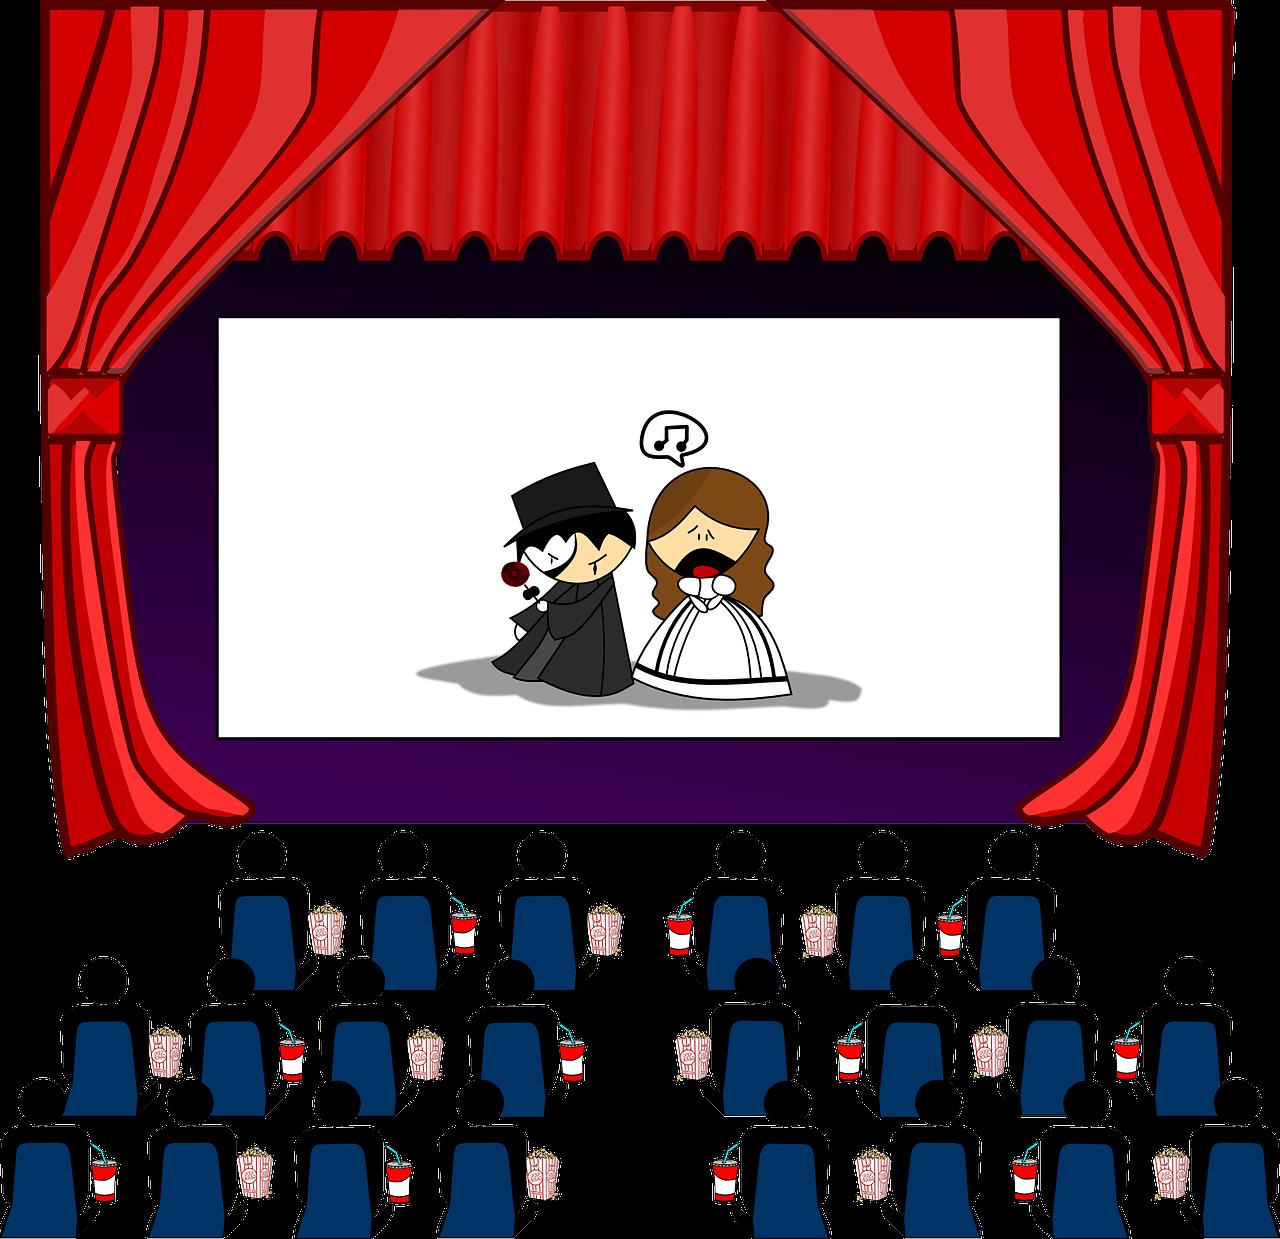 Dramat to gatunek filmowy, który silnie porusza emocje widza